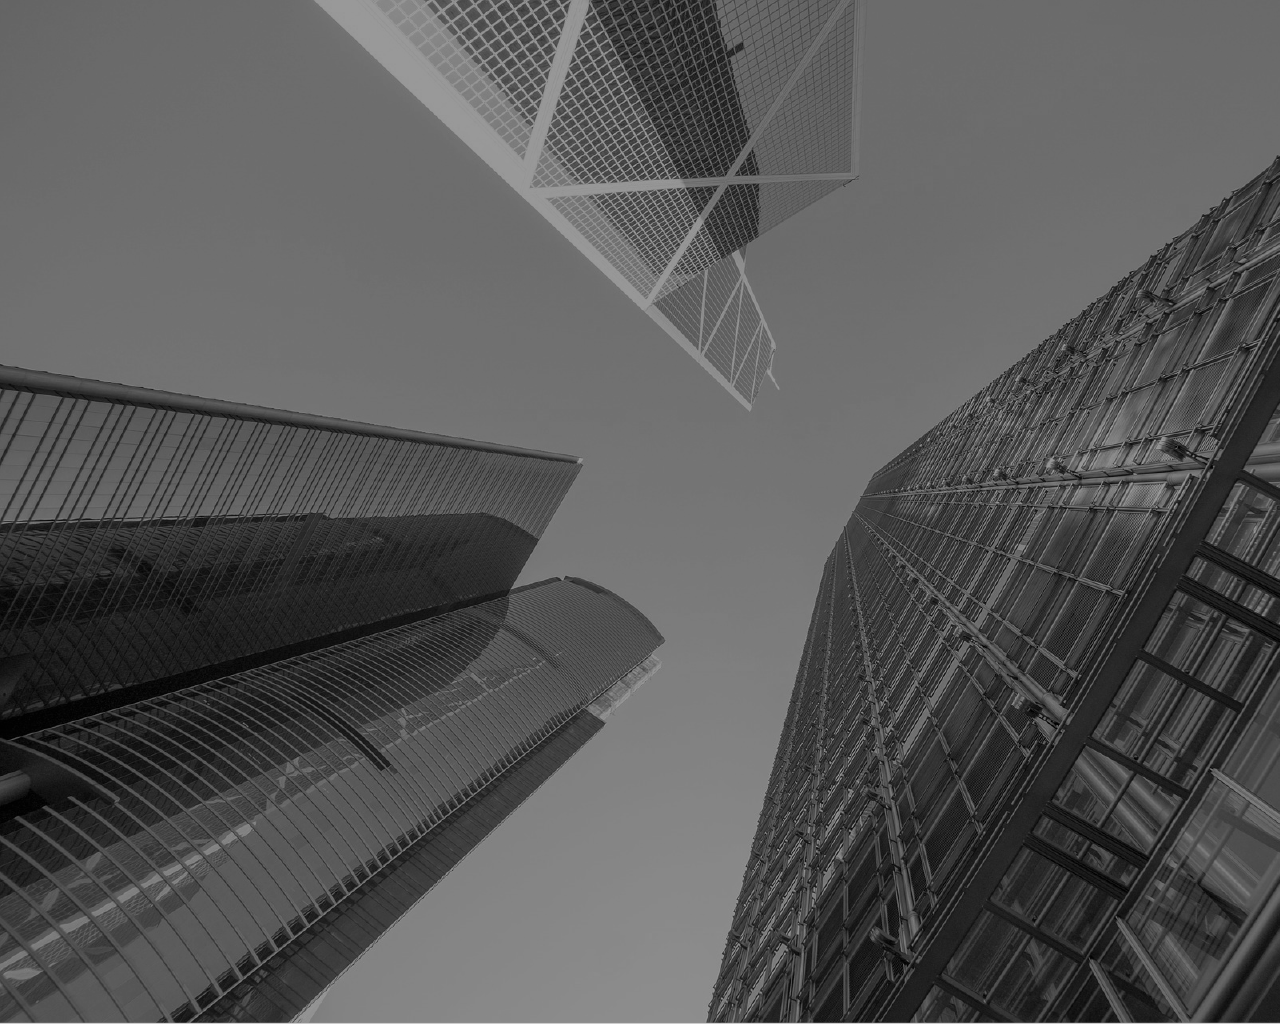 Bancos - Los bancos brindan servicios financieros en forma digital a través del marketplace RedCloud y reciben pagos digitales de sus clientes y tienen mayor alcance gracias a los Agentes RedCloud que actúan en su nombre.